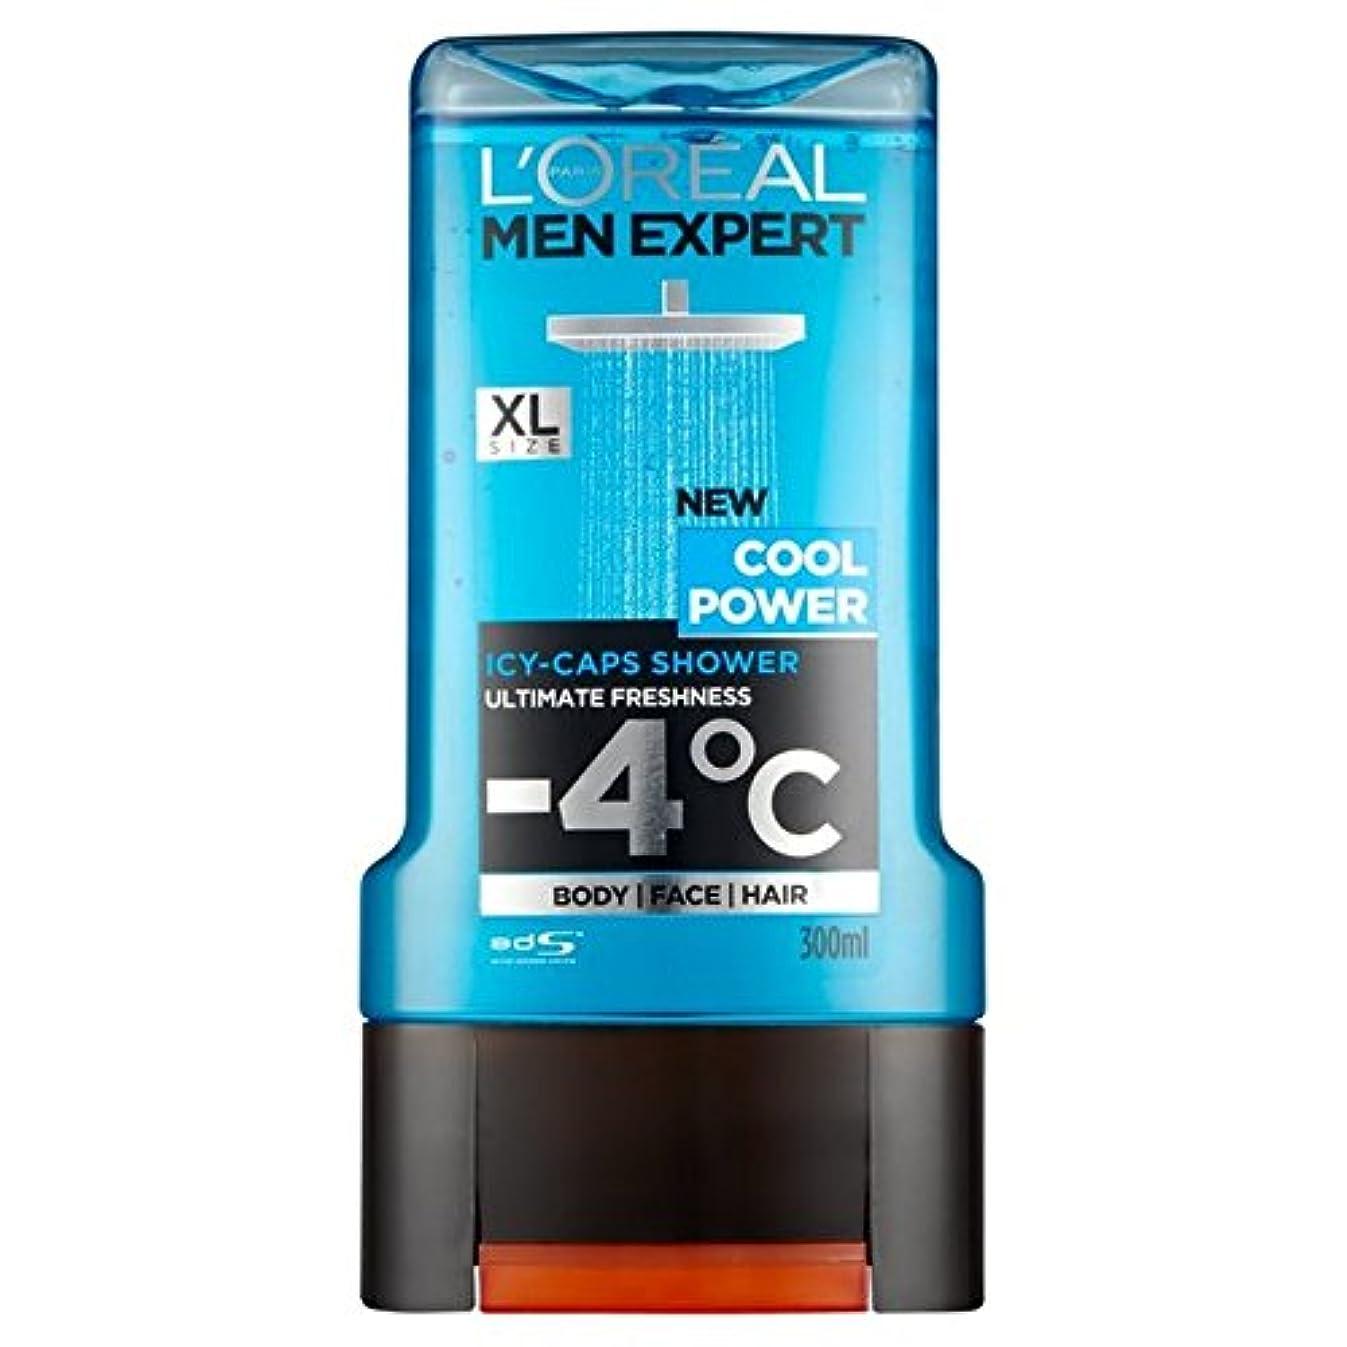 動揺させる取り替える書士ロレアルパリの男性の専門家のクールなパワーシャワージェル300ミリリットル x2 - L'Oreal Paris Men Expert Cool Power Shower Gel 300ml (Pack of 2) [並行輸入品]